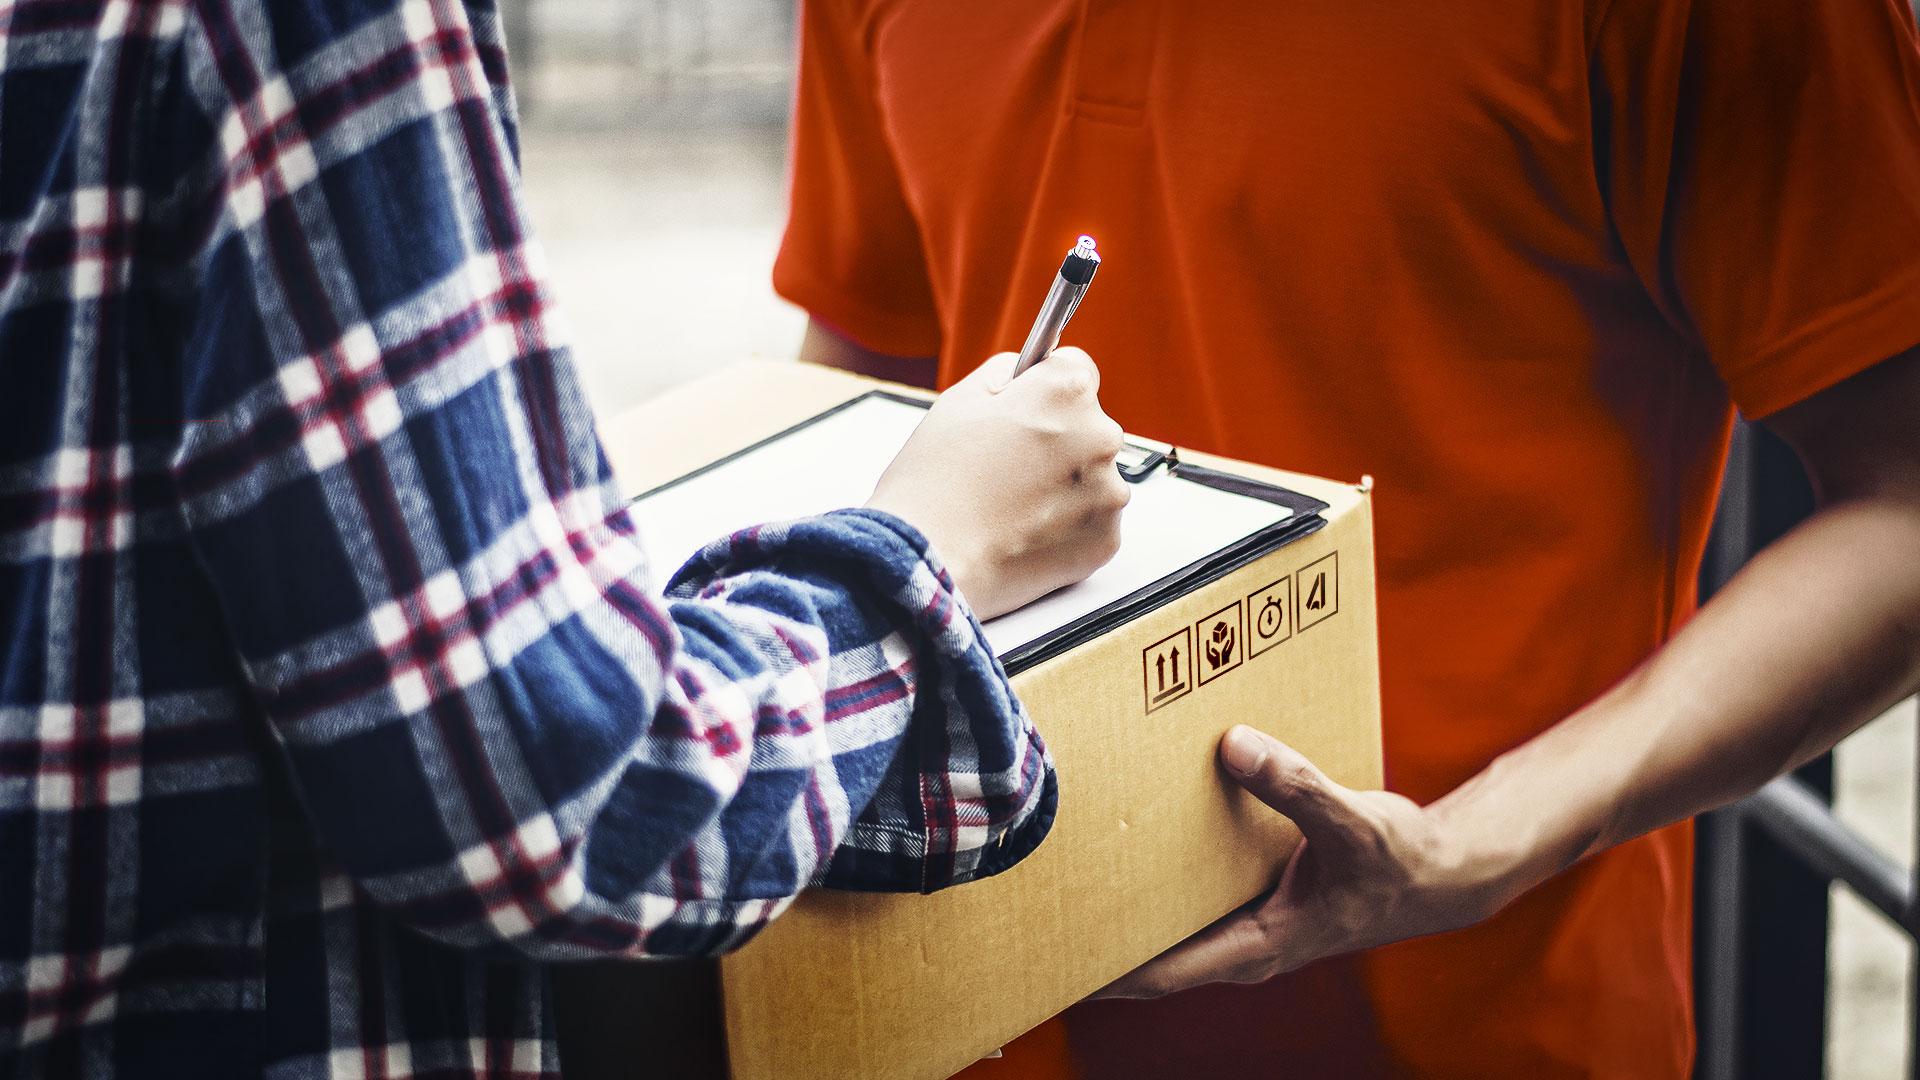 A parcel being delivered